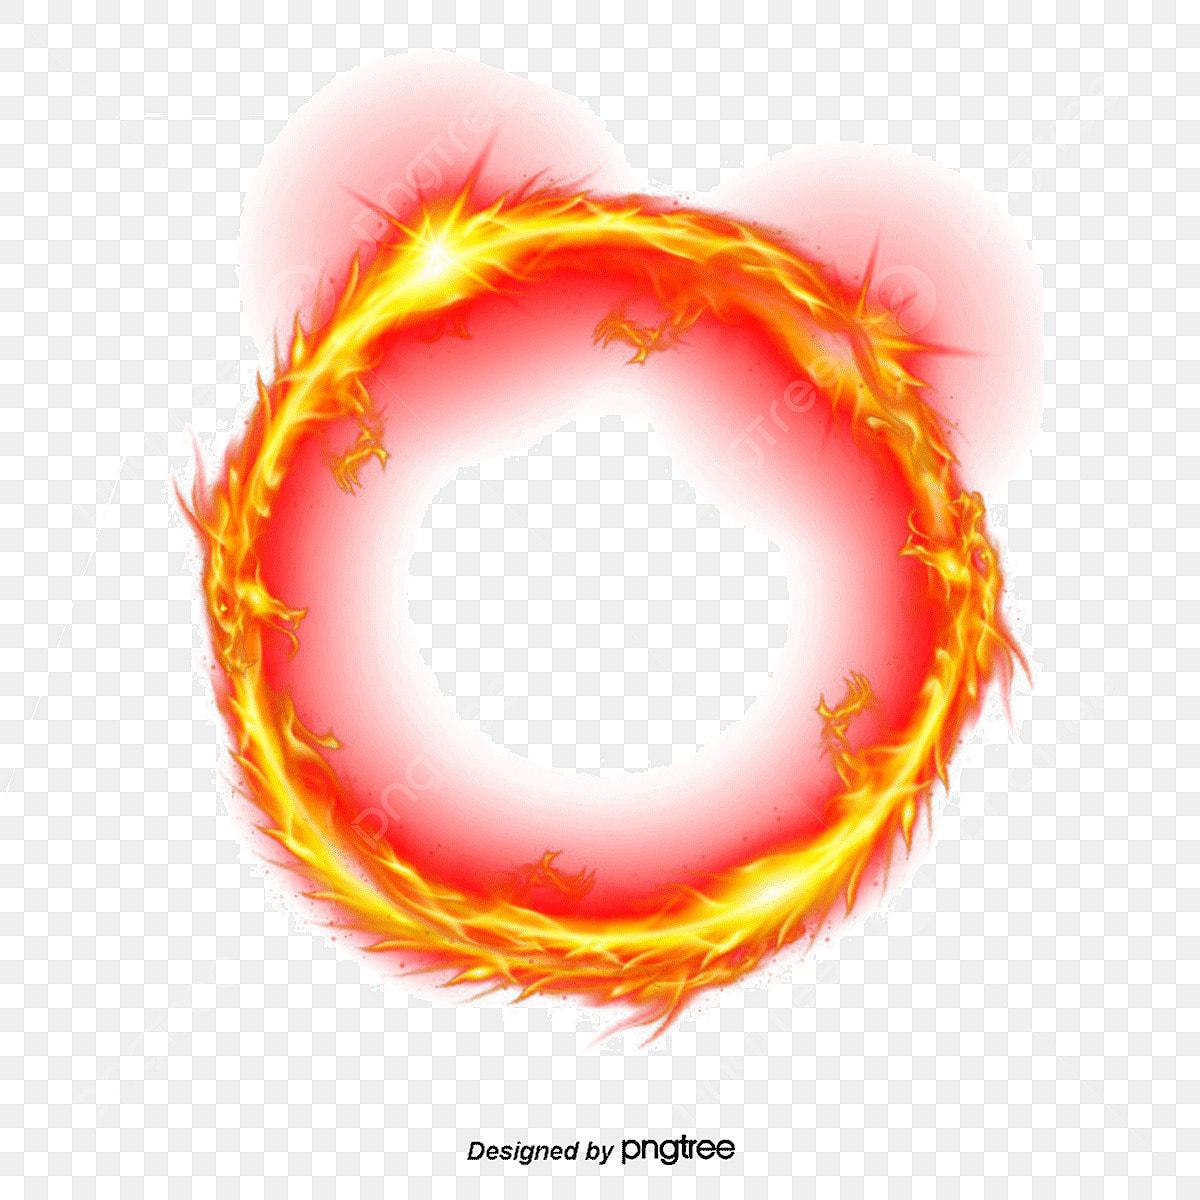 Feuer Ring Feuer Ring Cartoon Feuer Ring Die Flamme Png